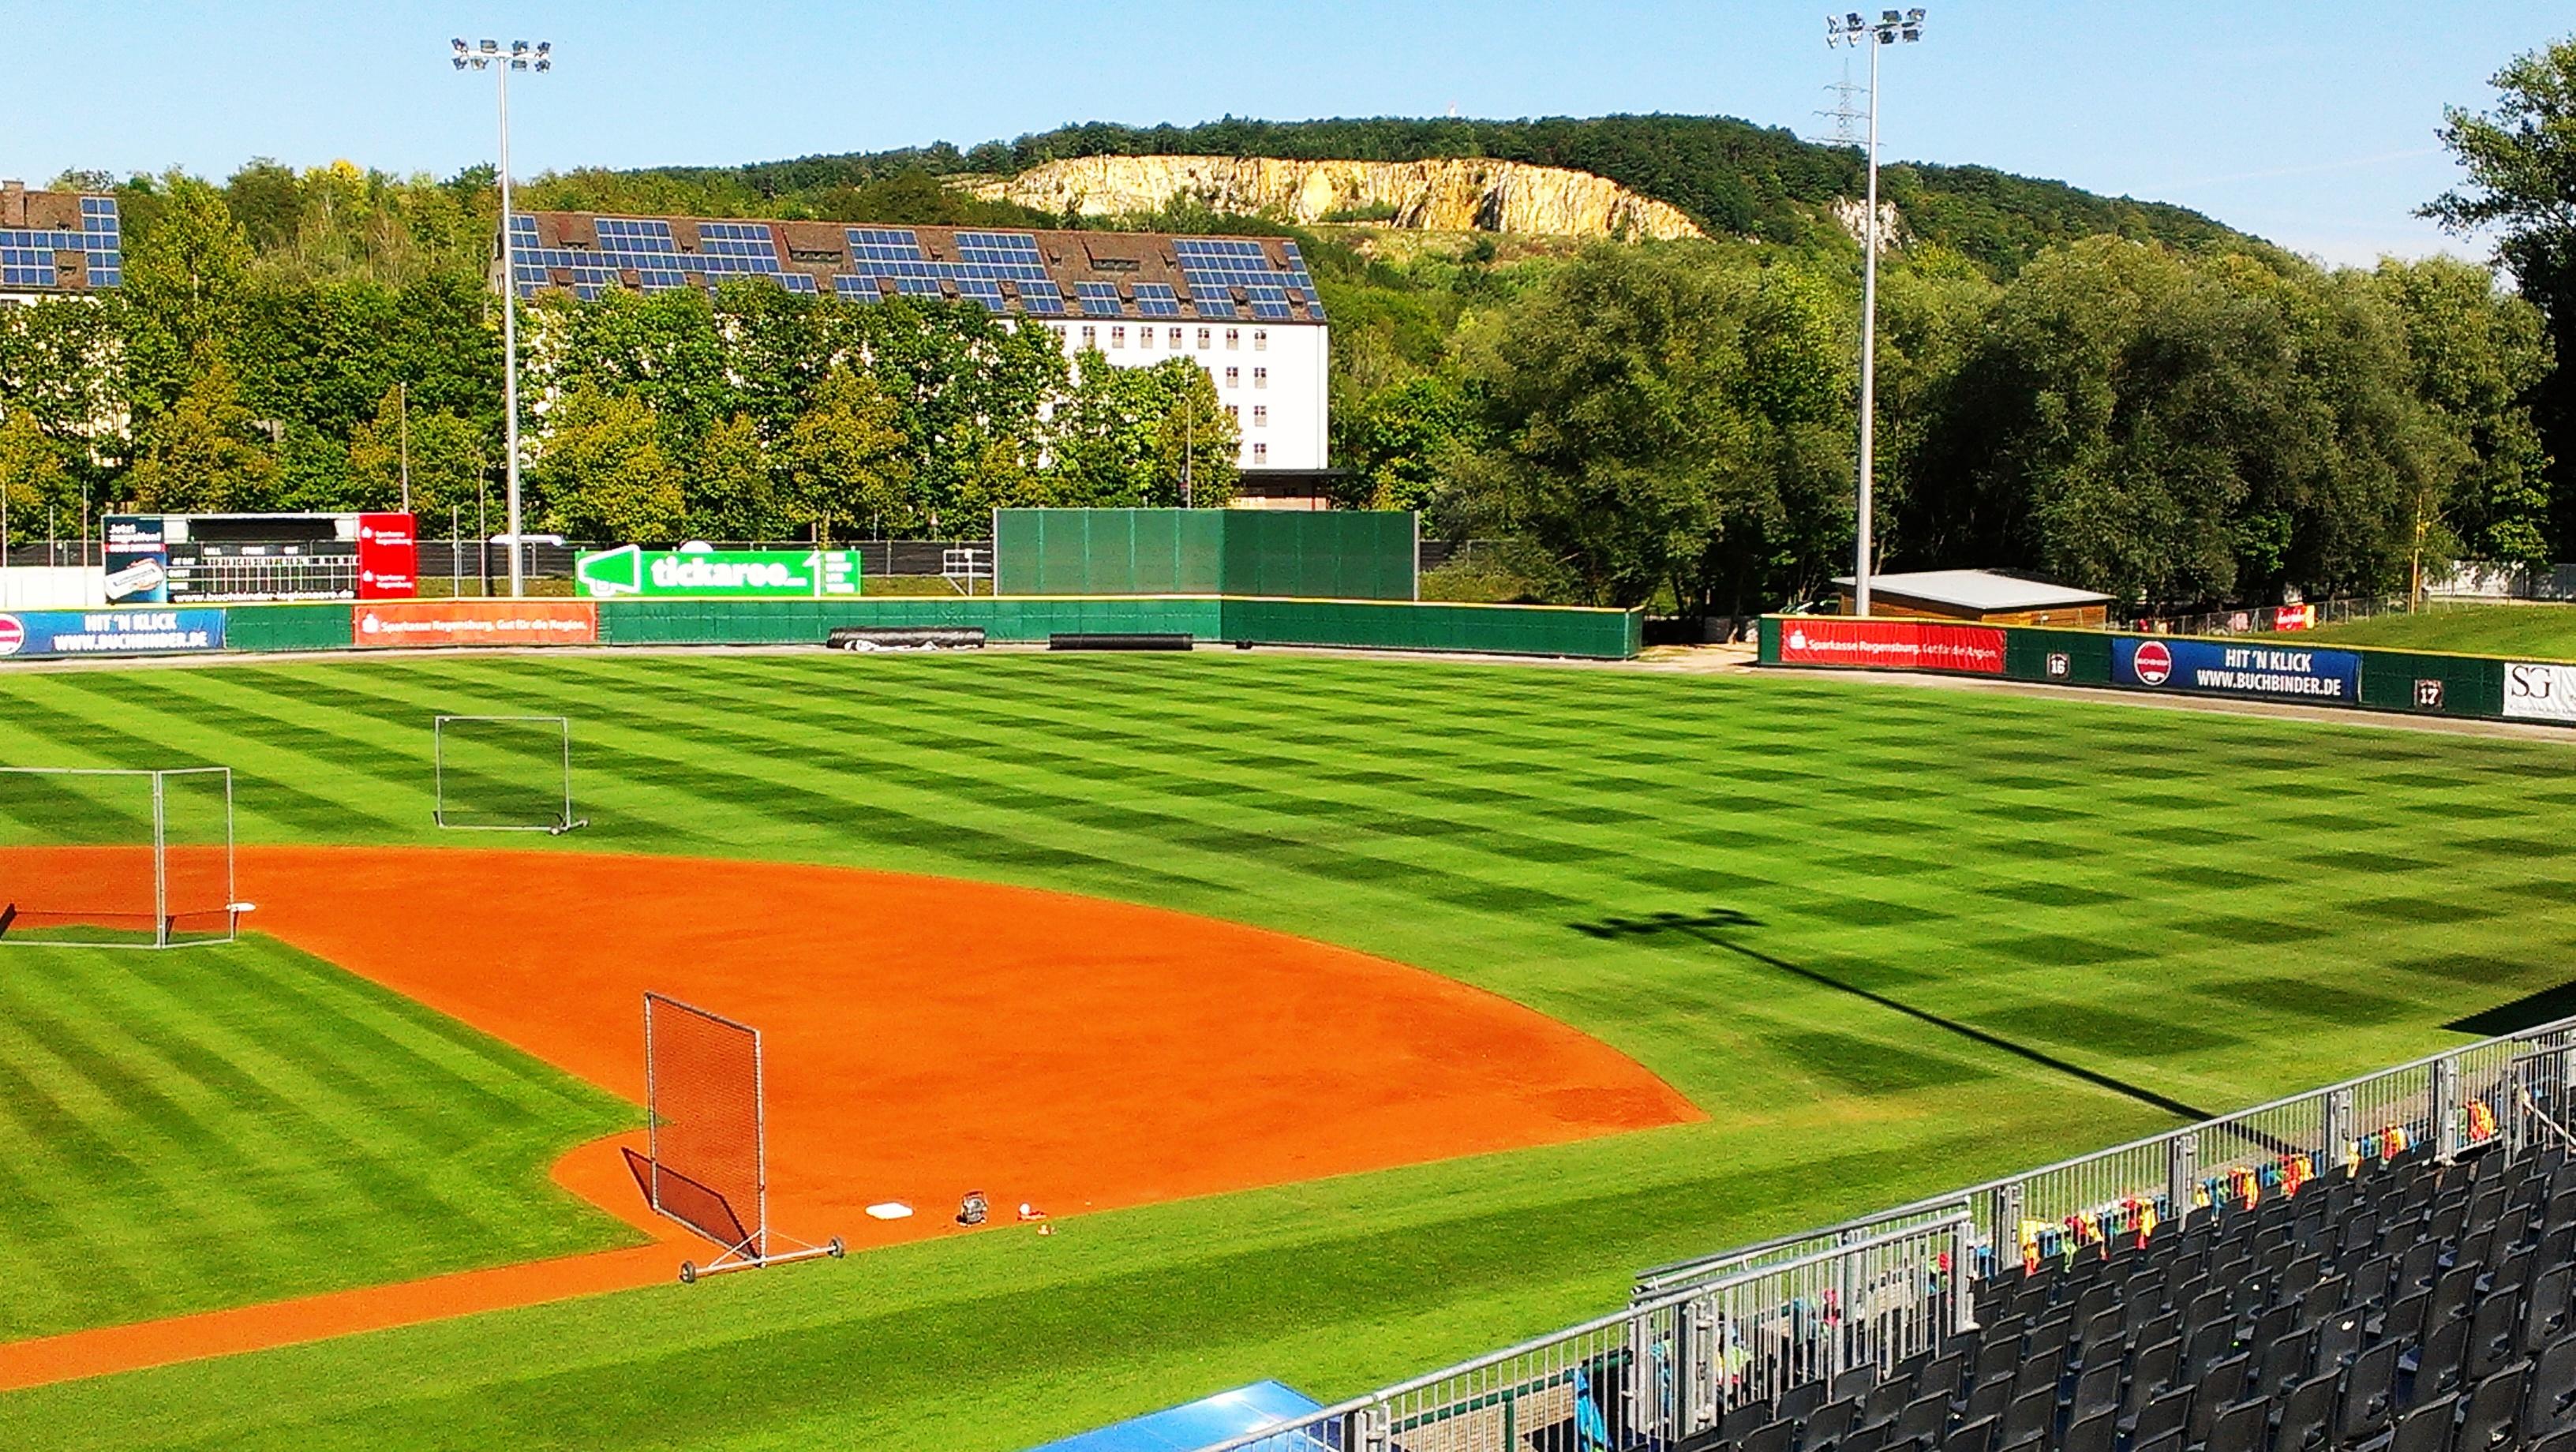 regensburg baseball